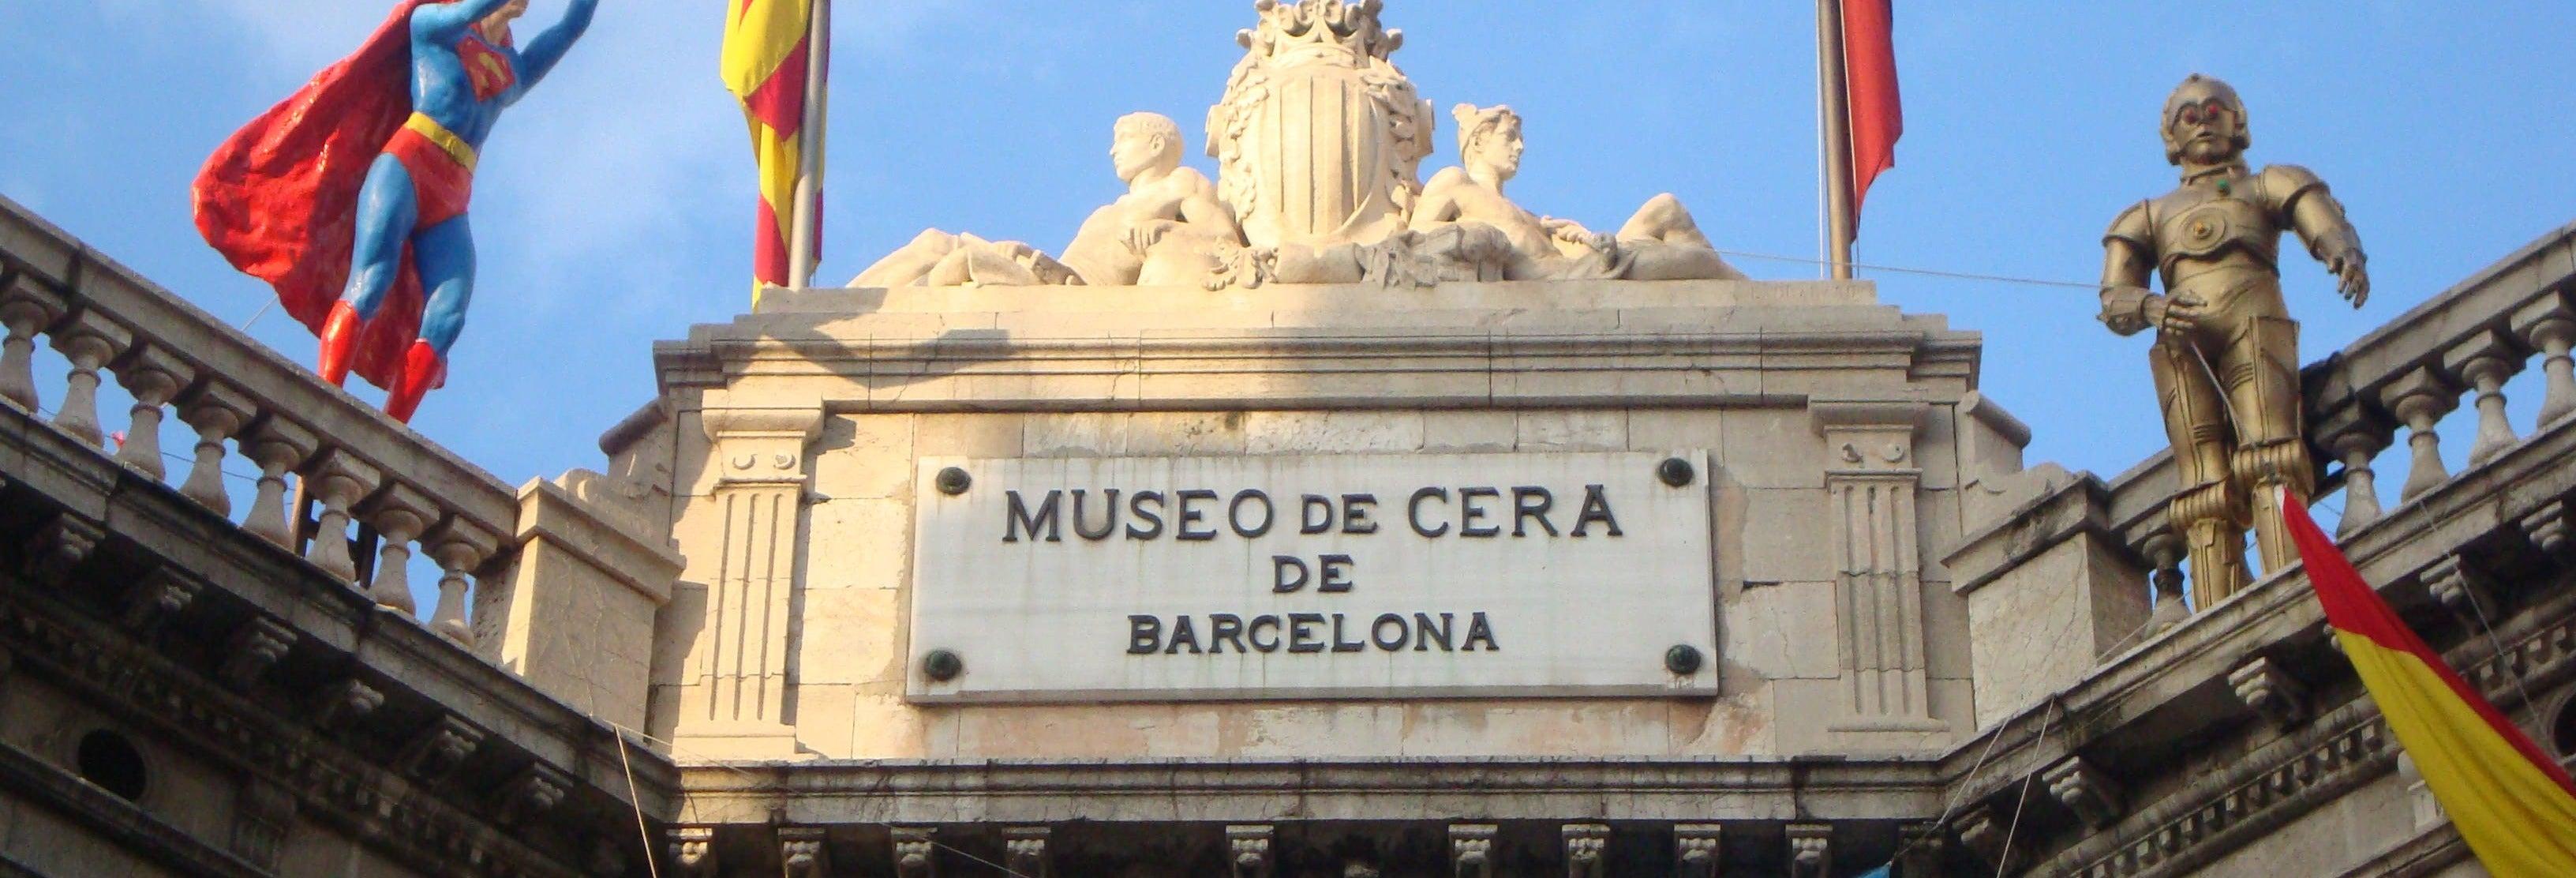 Ingresso do Museu de Cera